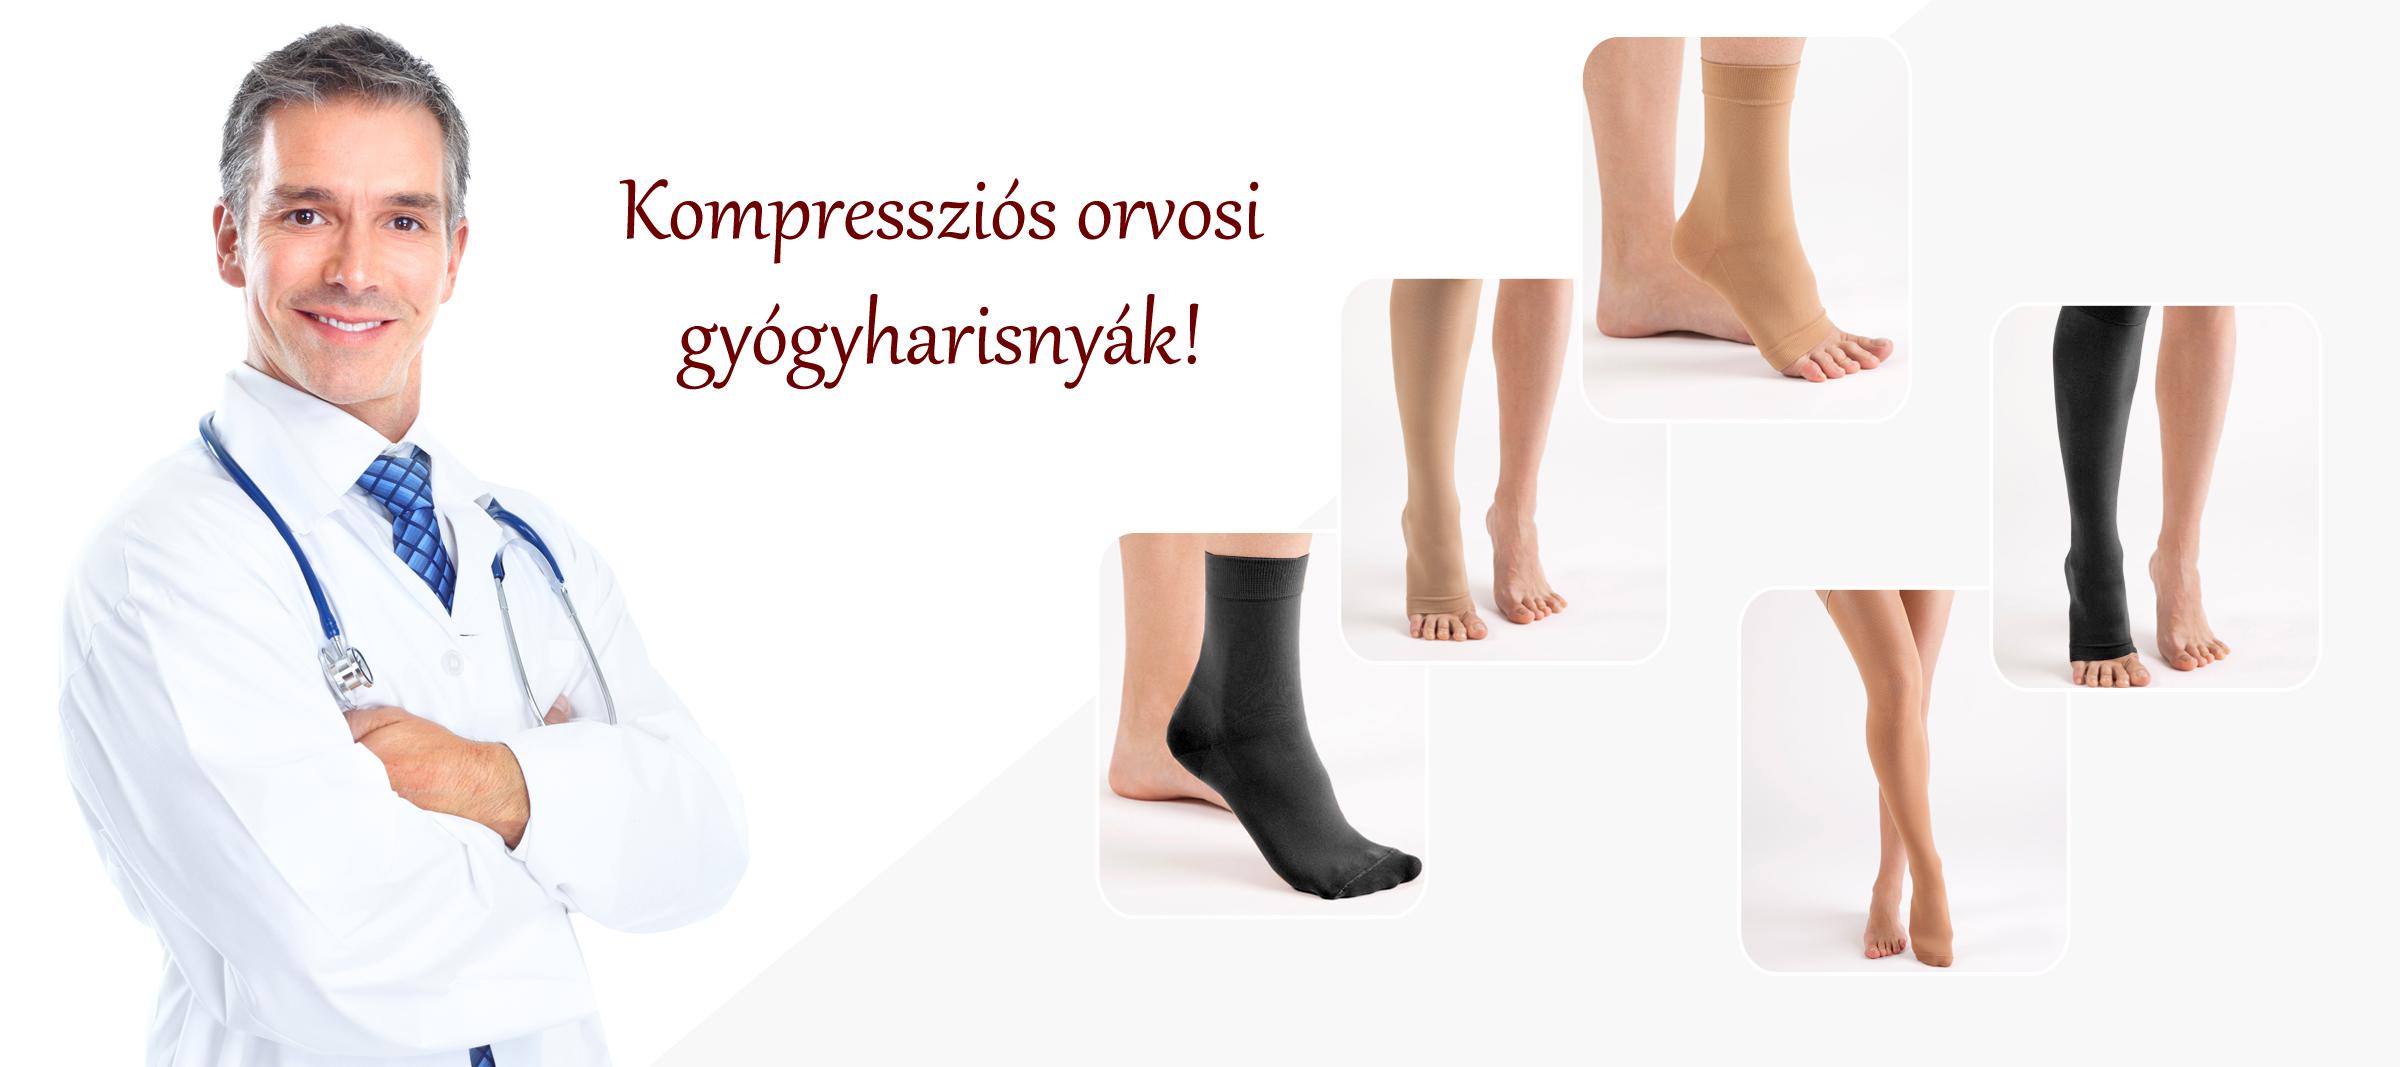 kompressziós térd zokni visszerek kezelése)